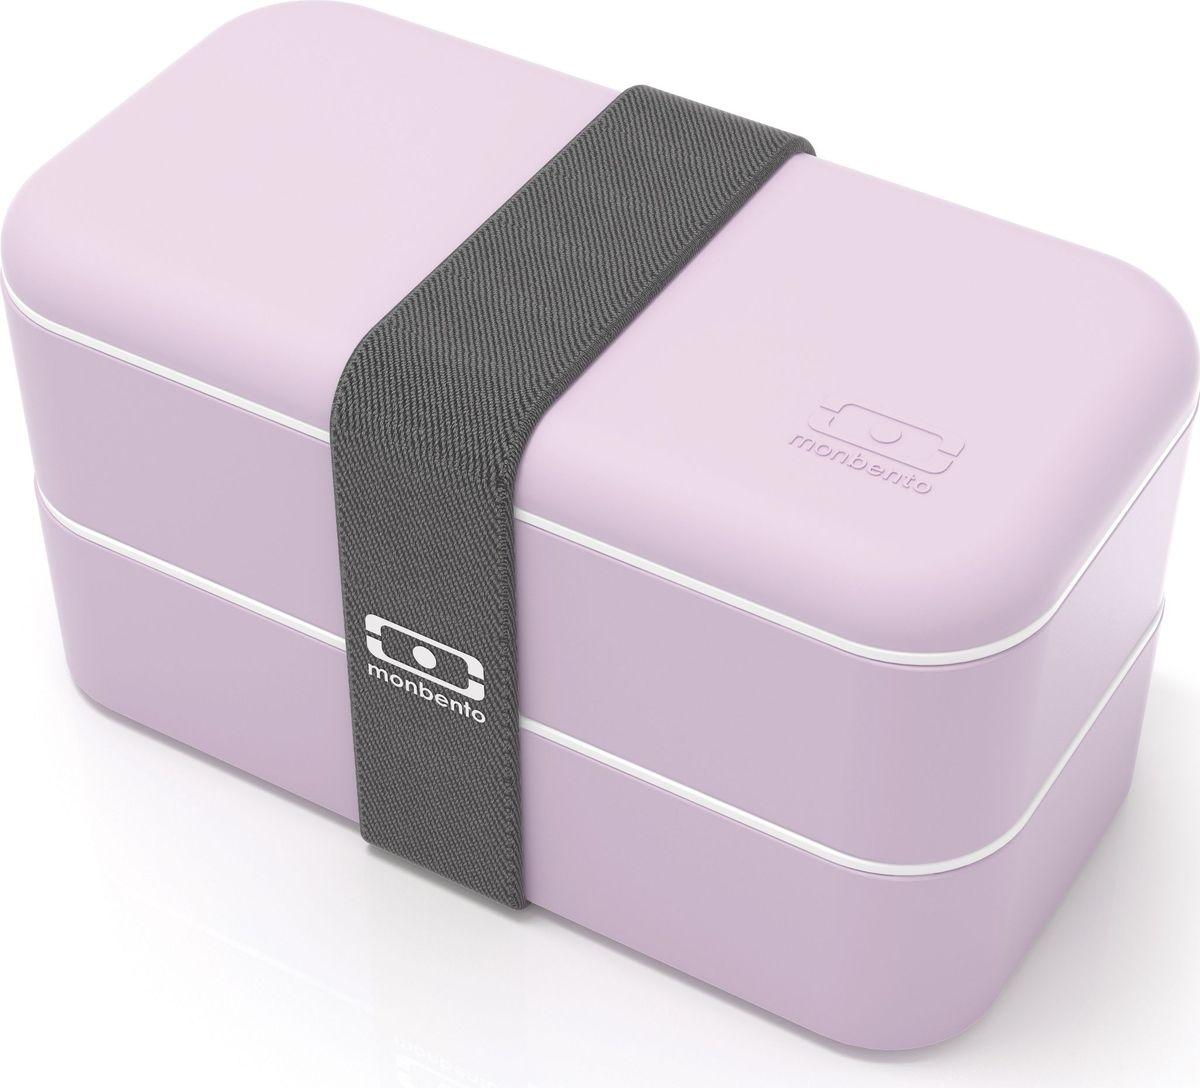 Ланч-бокс Monbento Original, цвет: сиреневый, 1 л1200 12 117Ланчбокс Monbento Original изготовлен из высококачественного пищевого пластика сприятнымна ощупь прорезиненным покрытием soft-touch. Предназначен для хранения и переноскипищевыхпродуктов. Ланчбокс представляет собой два прямоугольных контейнера, в которых удобнохранить различные блюда. В комплекте также предусмотрена емкость для соуса, котораяудобно помещается в одном из контейнеров. Контейнеры вакуумные, что позволяет продуктамдольше оставаться свежими и вкусными. Боксы дополнительно фиксируются друг над другомэластичным ремешком.Компактные размеры позволят хранить ланчбокс в любой сумке. Его удобно взять с собой наработу, отдых, в поездку. Теперь любимая домашняя еда всегда будет под рукой, а яркийдизайн поднимет настроение и подарит заряд позитива.Можно использовать в микроволновой печи и для хранения пищи в холодильнике,можно мыть в посудомоечной машине. В крышке каждого контейнера - специальная пробка,которую надо вытащить, если вы разогреваете еду. Объем одного контейнера: 0,5 л.Общий размер ланчбокса: 18 см х 9 см х 10,5 см.Размер контейнера: 18 см х 9 см х 4,5 см.Размер емкости для соуса: 8,5 см х 4,5 см х 3 см. Объем емкости для соуса: 0,1 л.